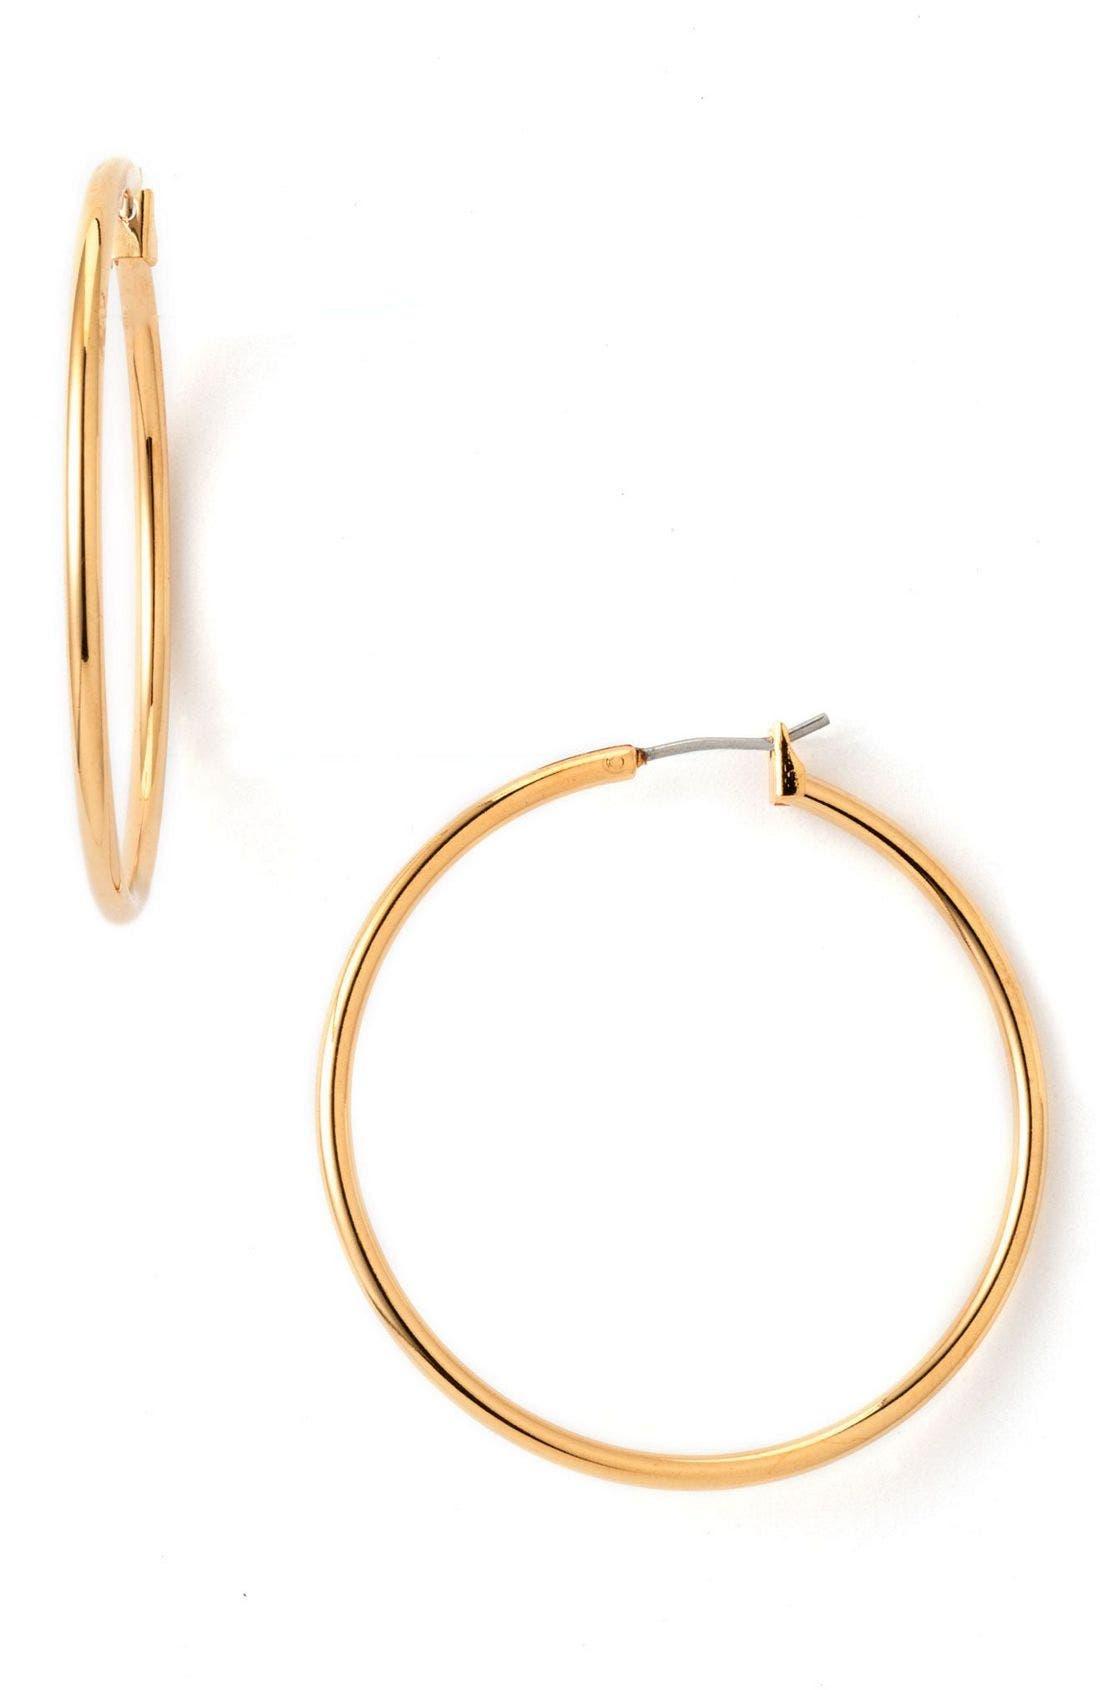 Alternate Image 1 Selected - Nordstrom Classic Hoop Earrings (Nordstrom Exclusive)